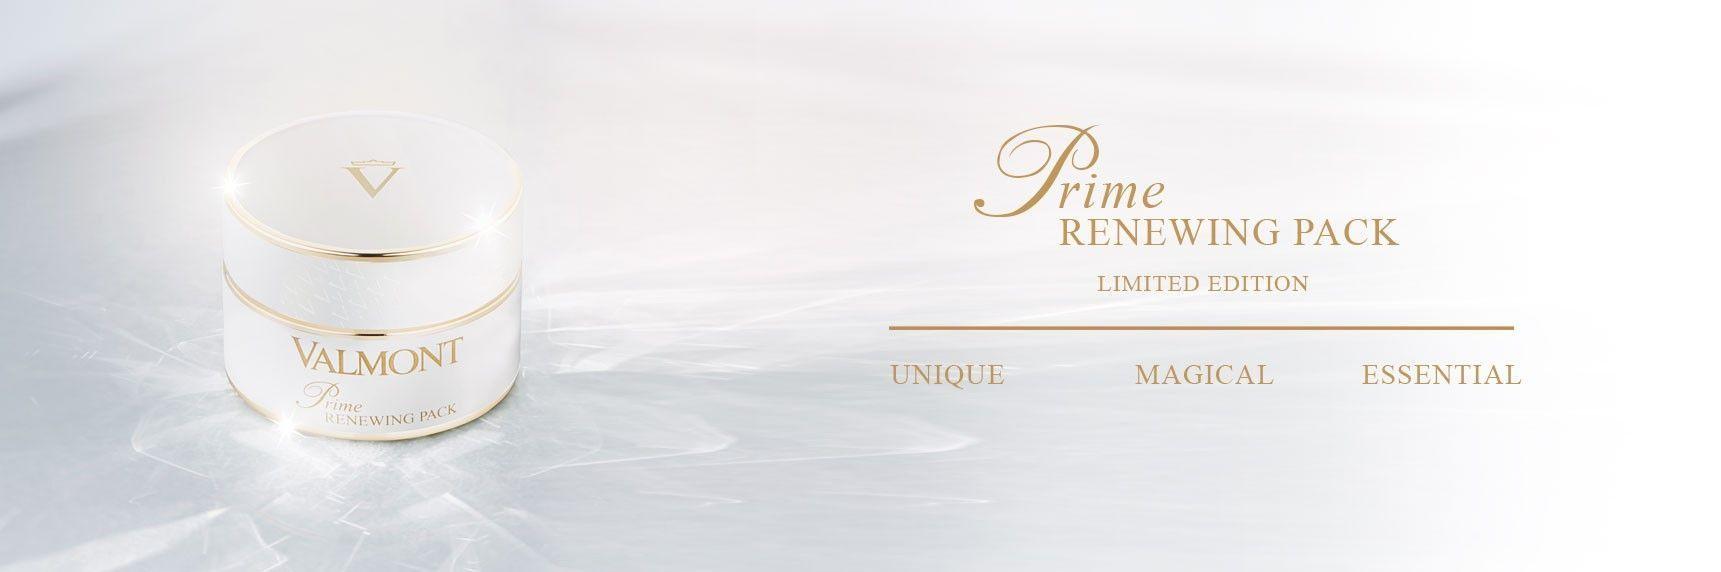 slider-prp-limitede-edition